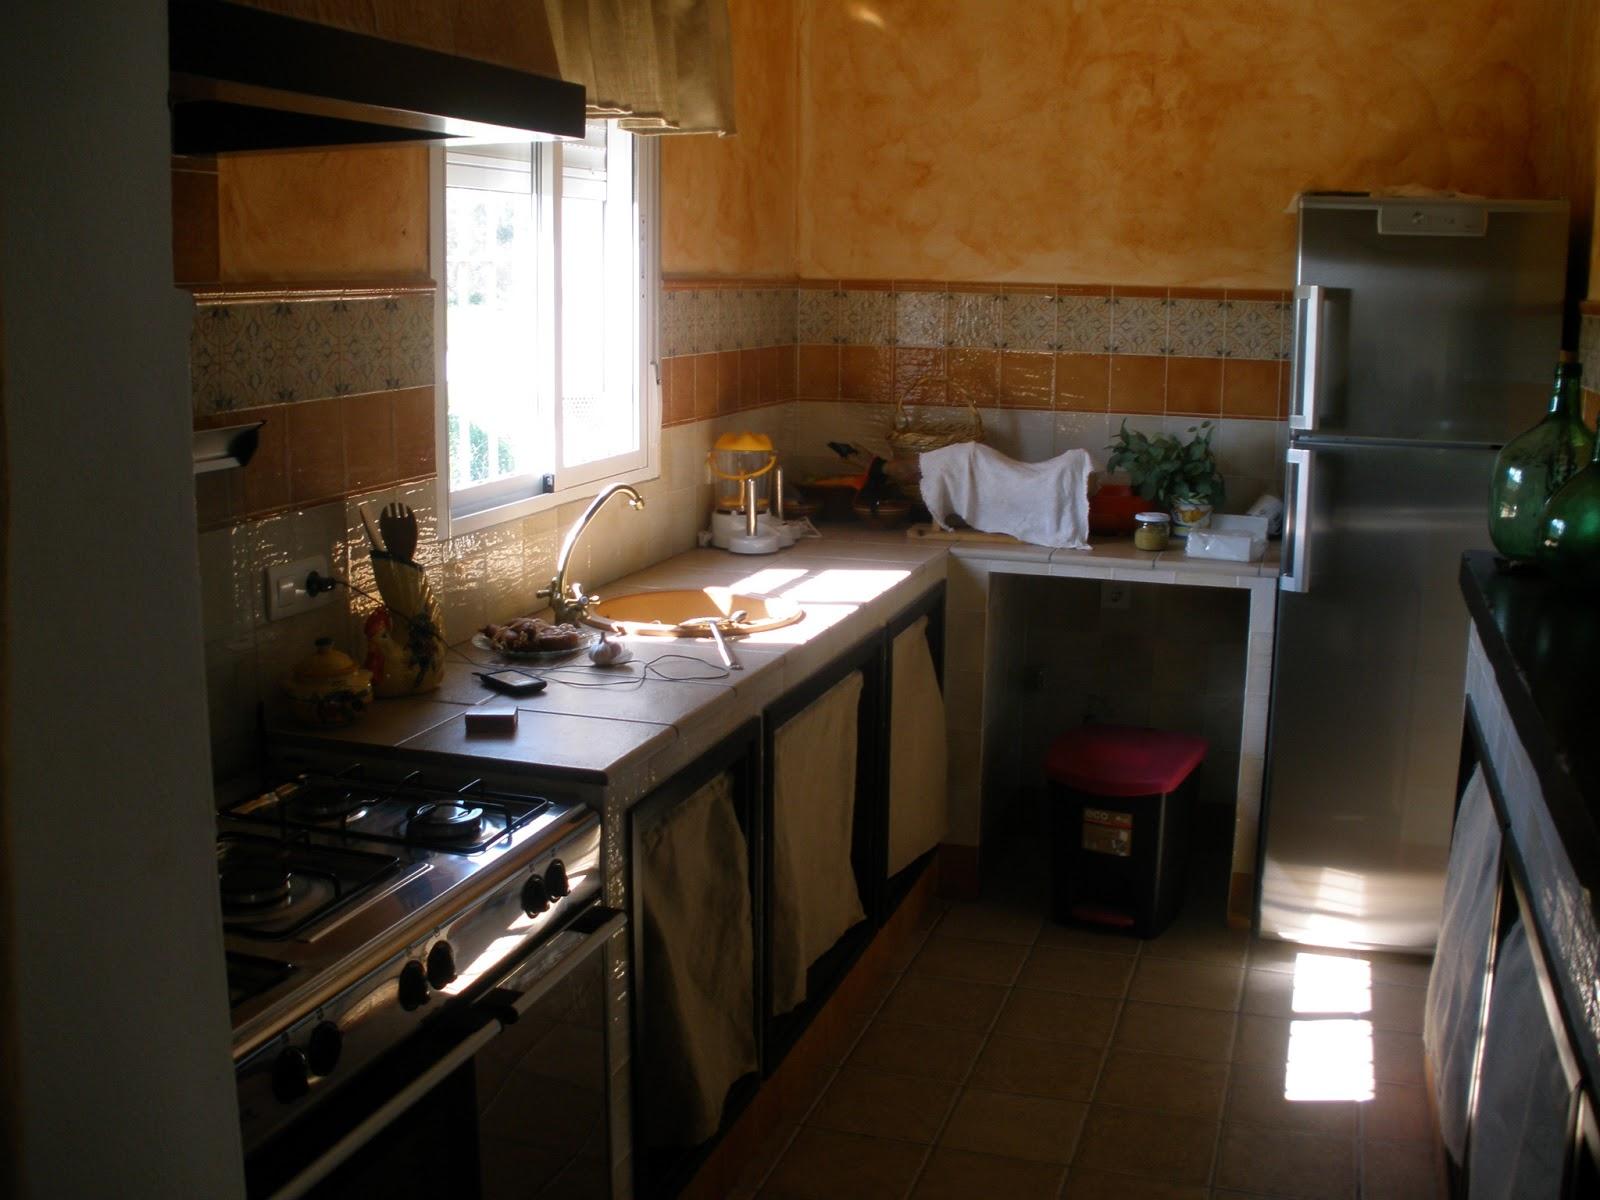 Construcciones rudi cocina rustica de casa de campo - Cocinas rusticas de mamposteria ...